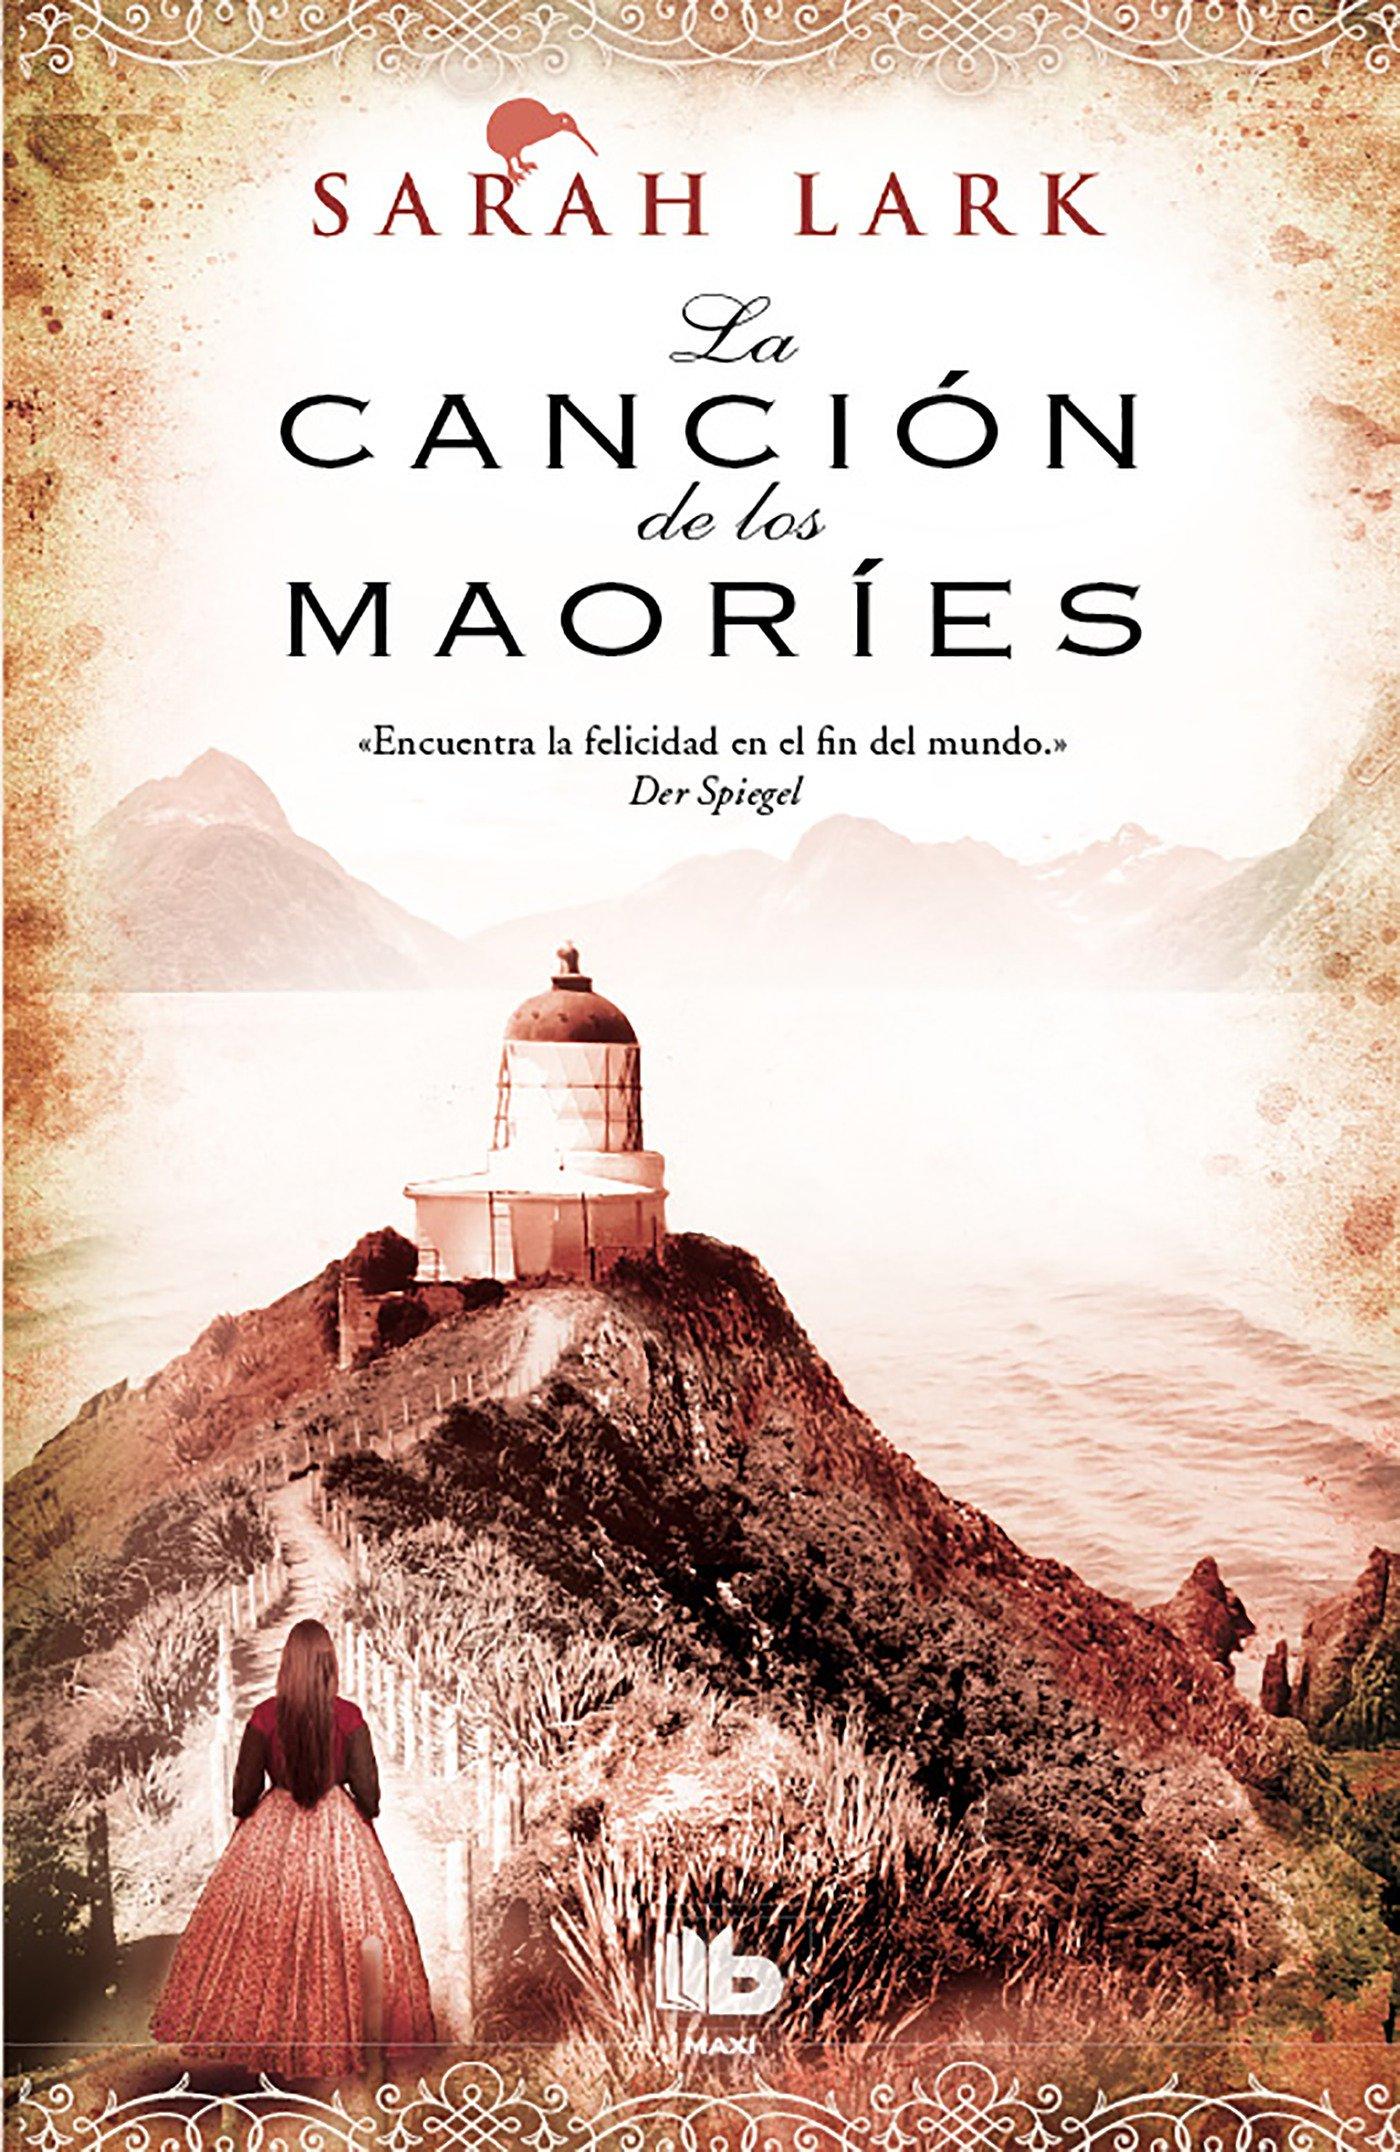 Amazoncom La Cancion De Los Maories The Maories Song Spanish - Fotos-de-maories